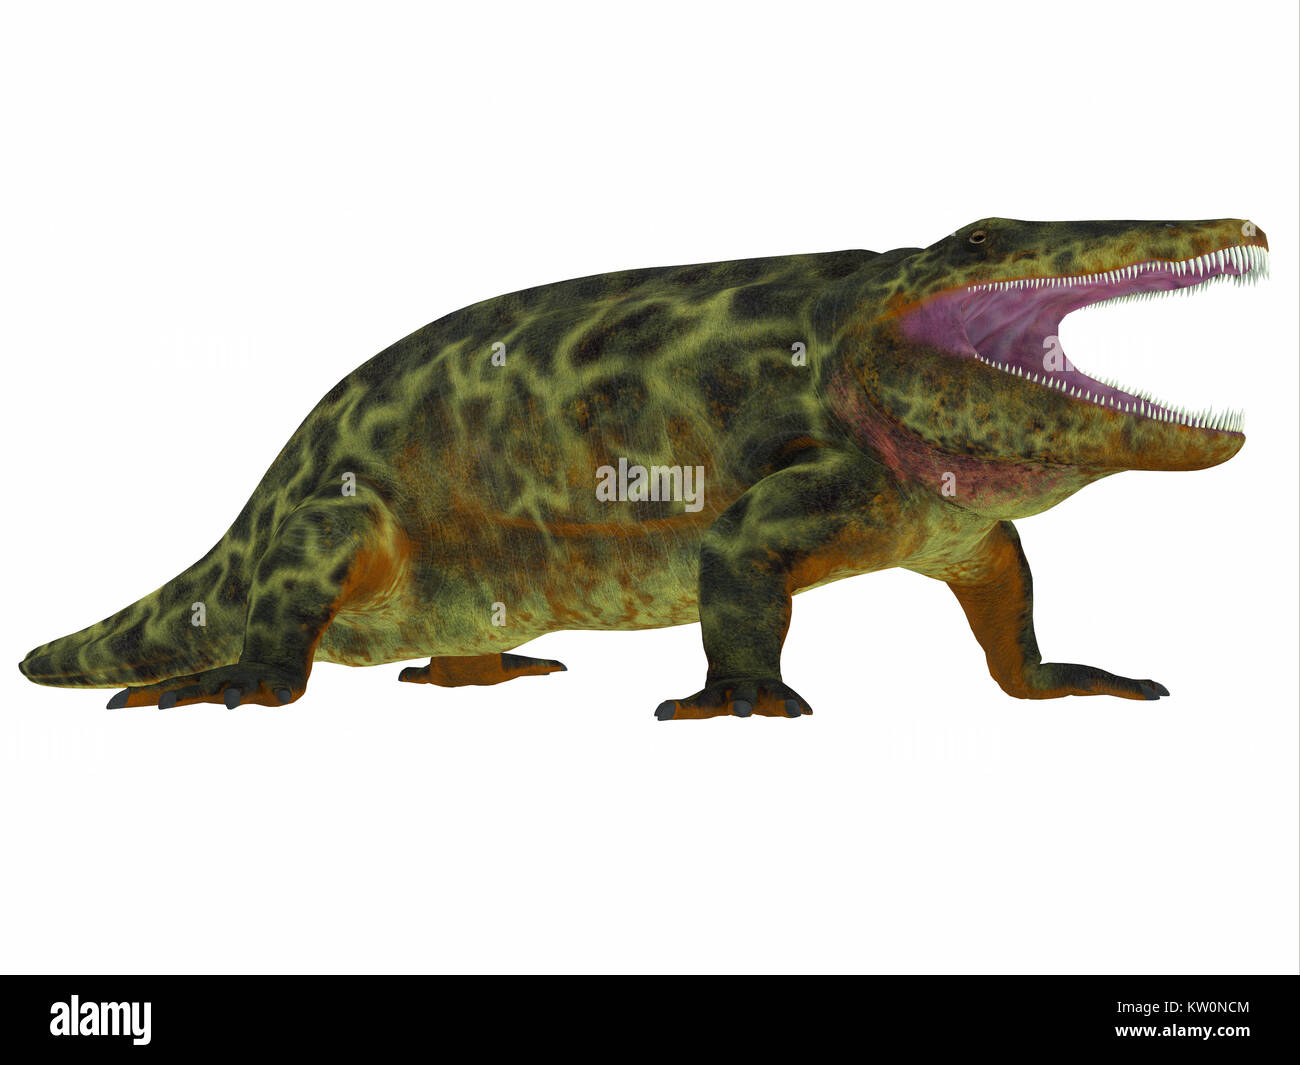 Eryops était un prédateur sauvage semi-aquatiques comme le crocodile moderne et a vécu au Texas, Nouveau Mexique et l'Est des États-Unis dans la période permienne. Banque D'Images